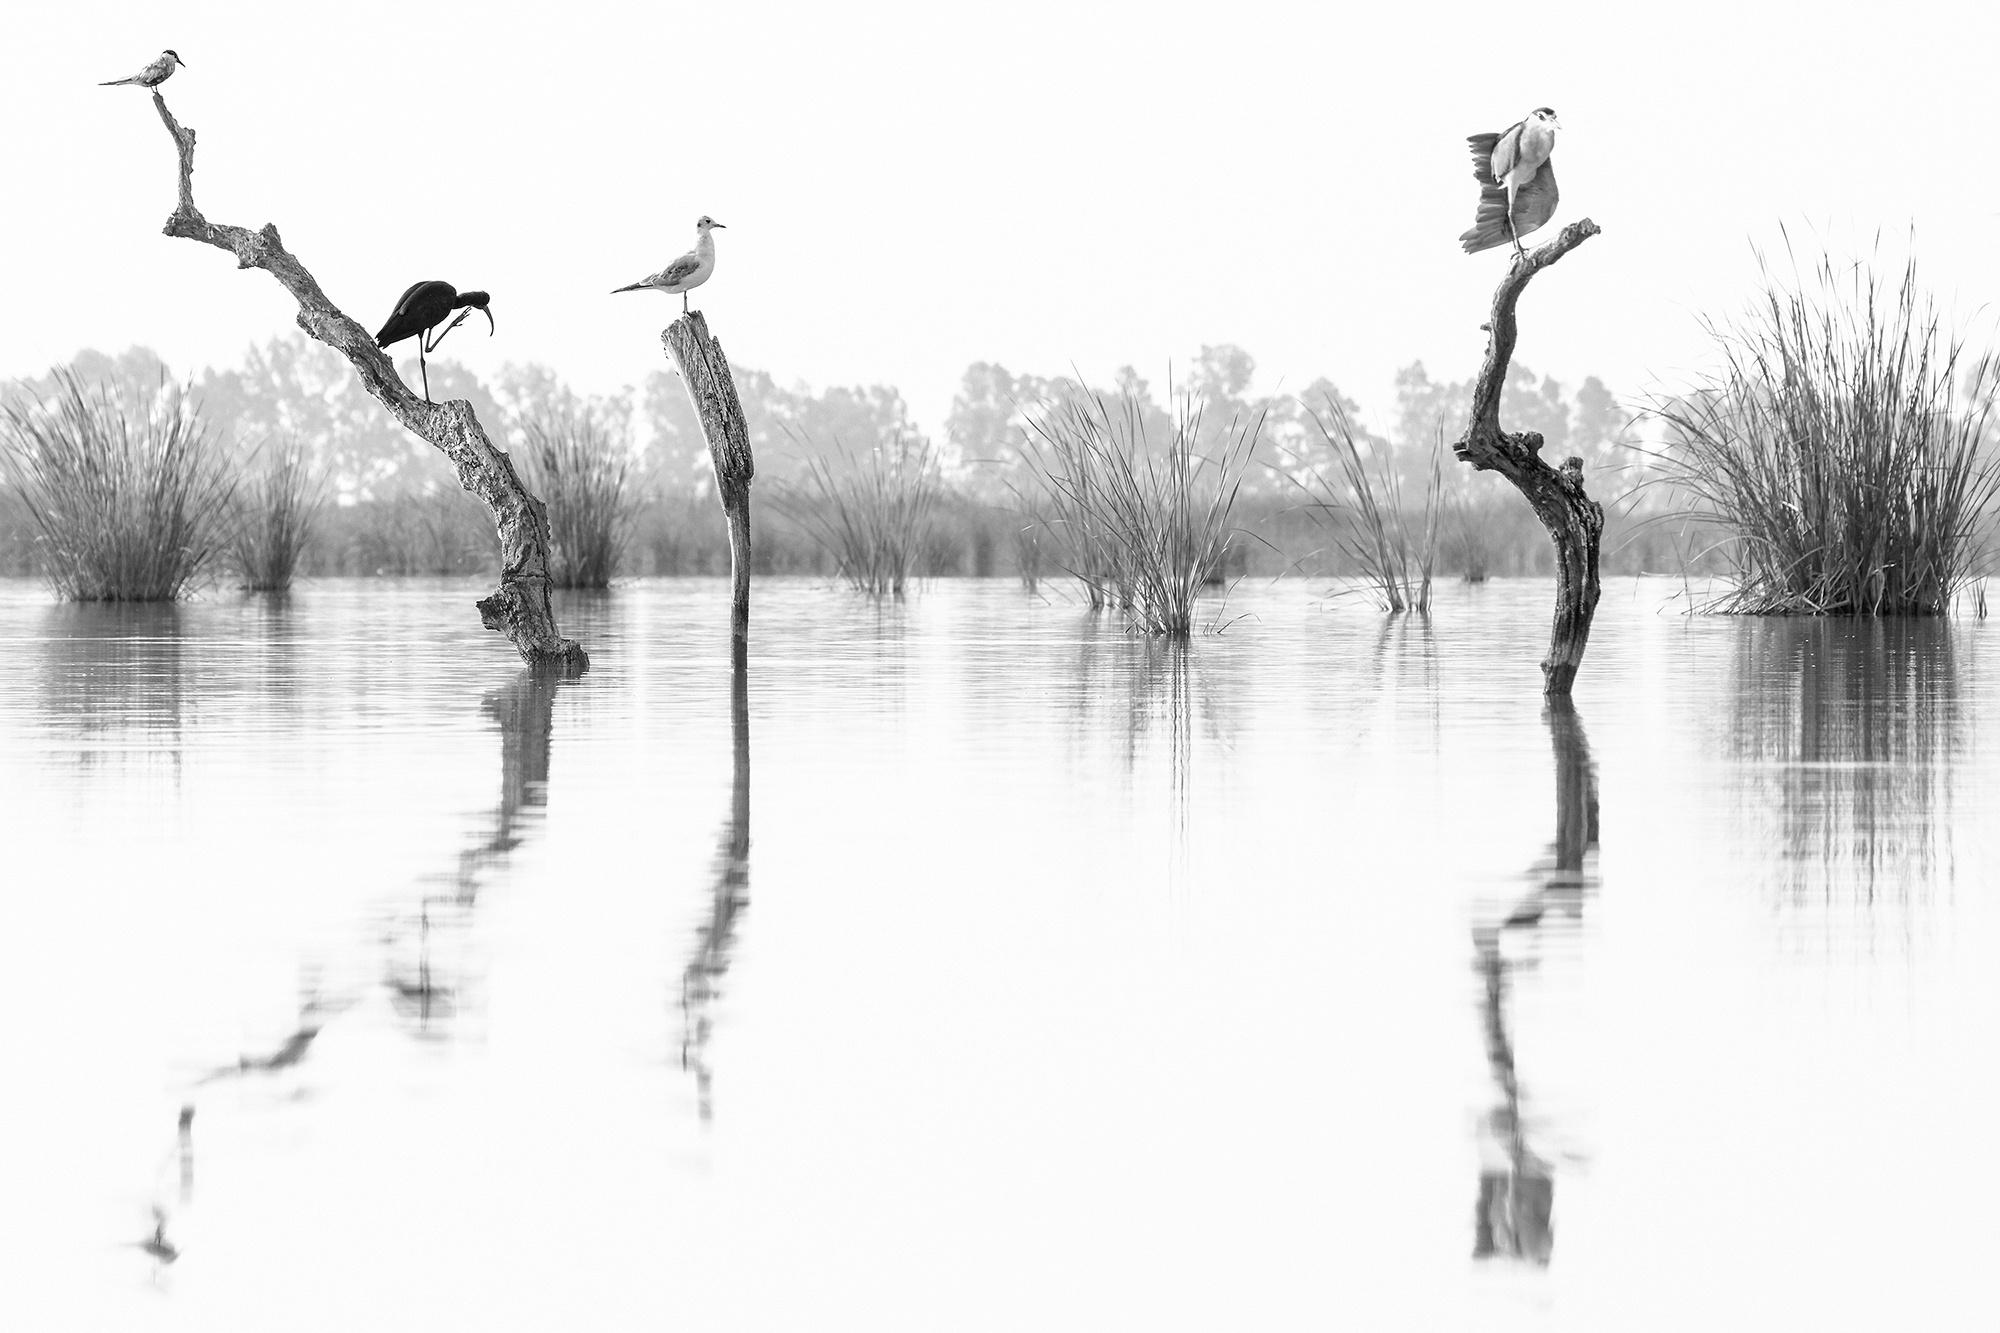 CADA UNO A LO SUYO - Manuel Enrique Gonzalez - Manuel Enrique Gonzalez Carmona - Portfolio Natural